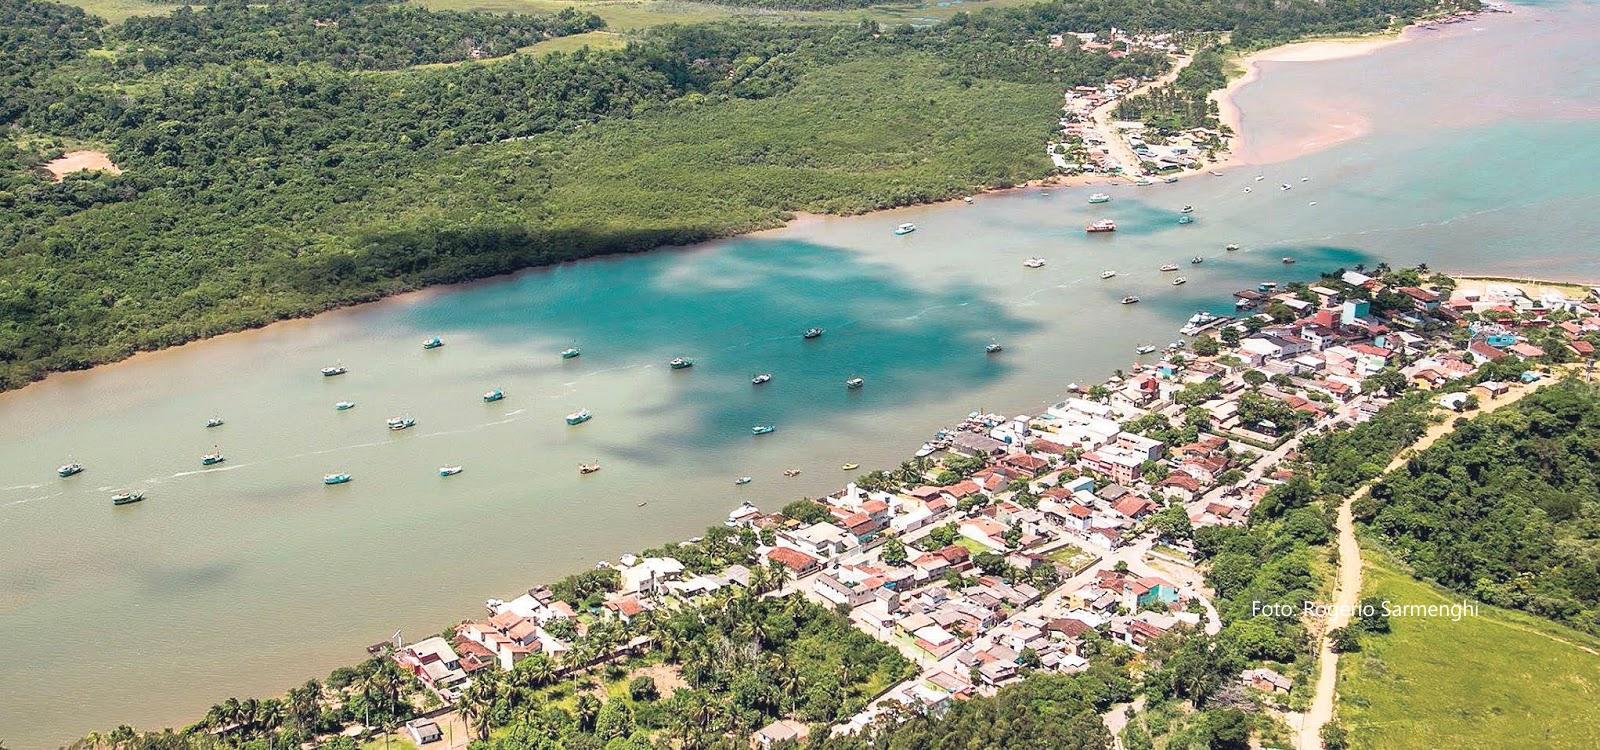 Foto: Rogério Sarmengui